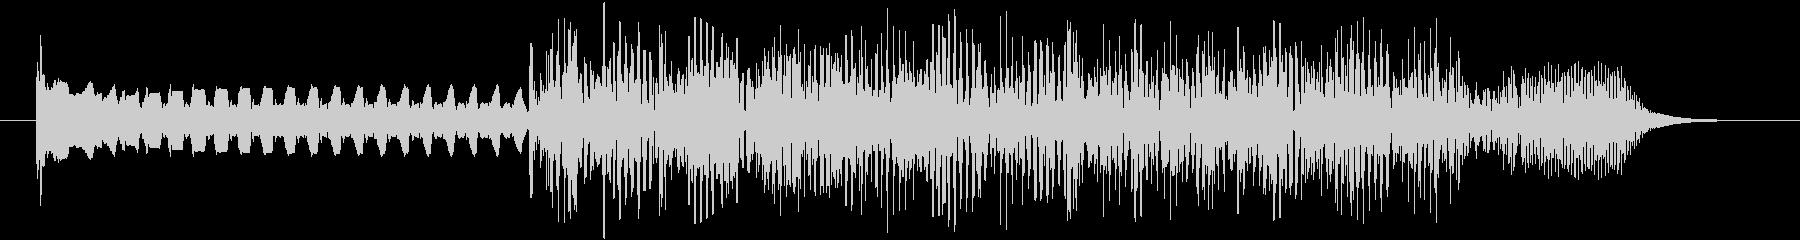 ピー、ガー(レトロなコンピューター)の未再生の波形